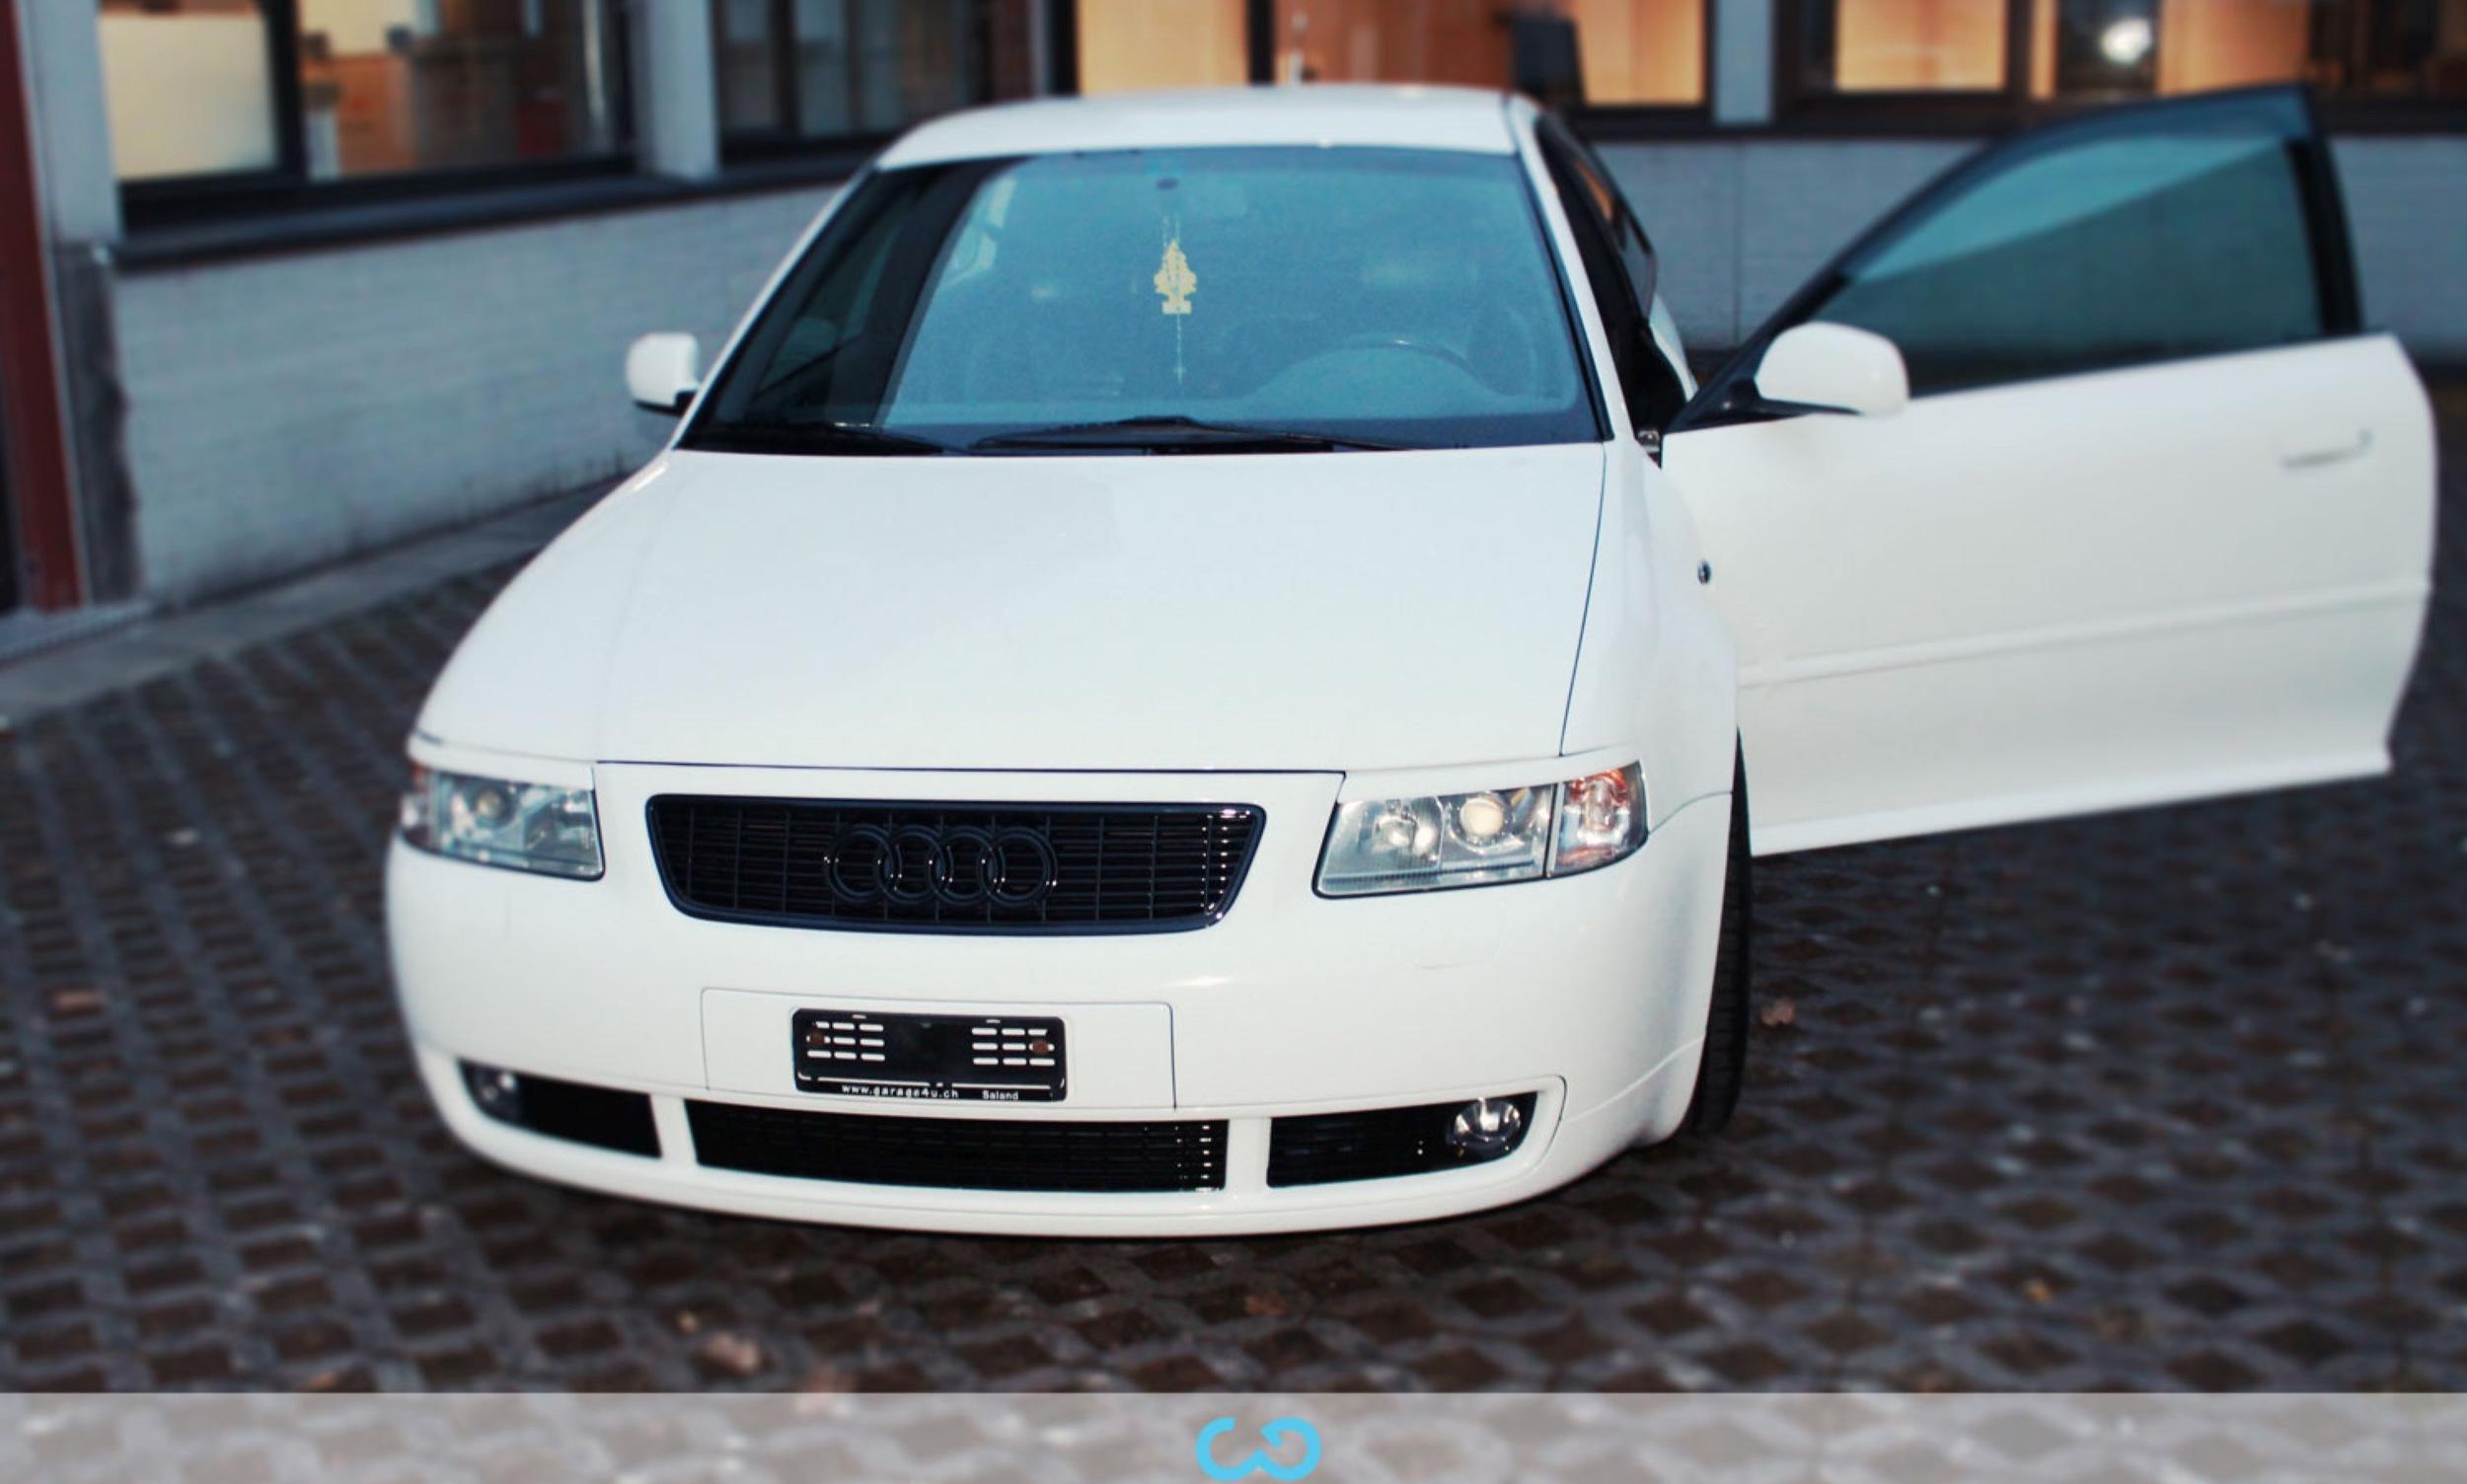 autofolierung-car-wrapping-7-vollfolierung-weiss-glanz-audi-a3-reihe-2013-04-05-4.jpg